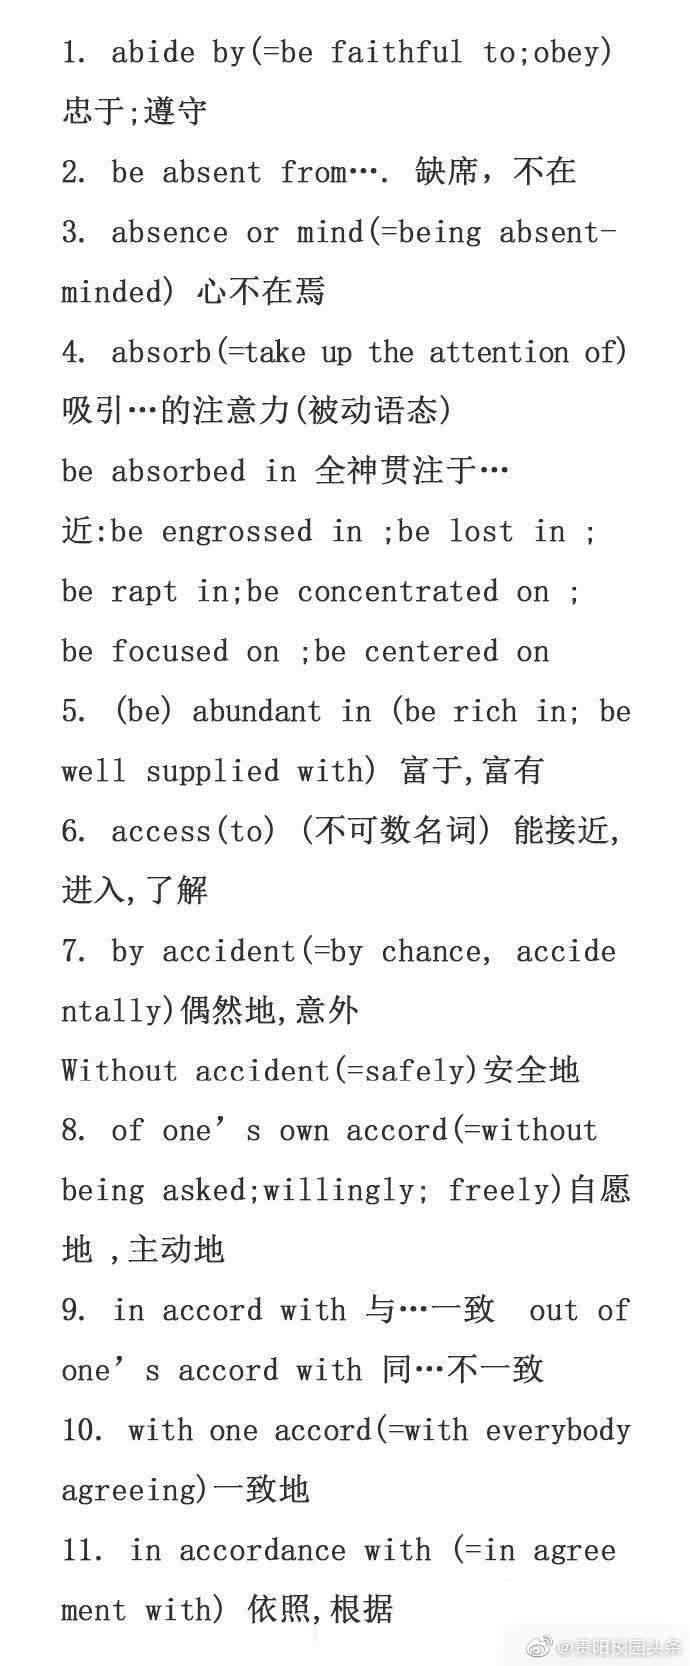 雅思阅读100组高频短语。